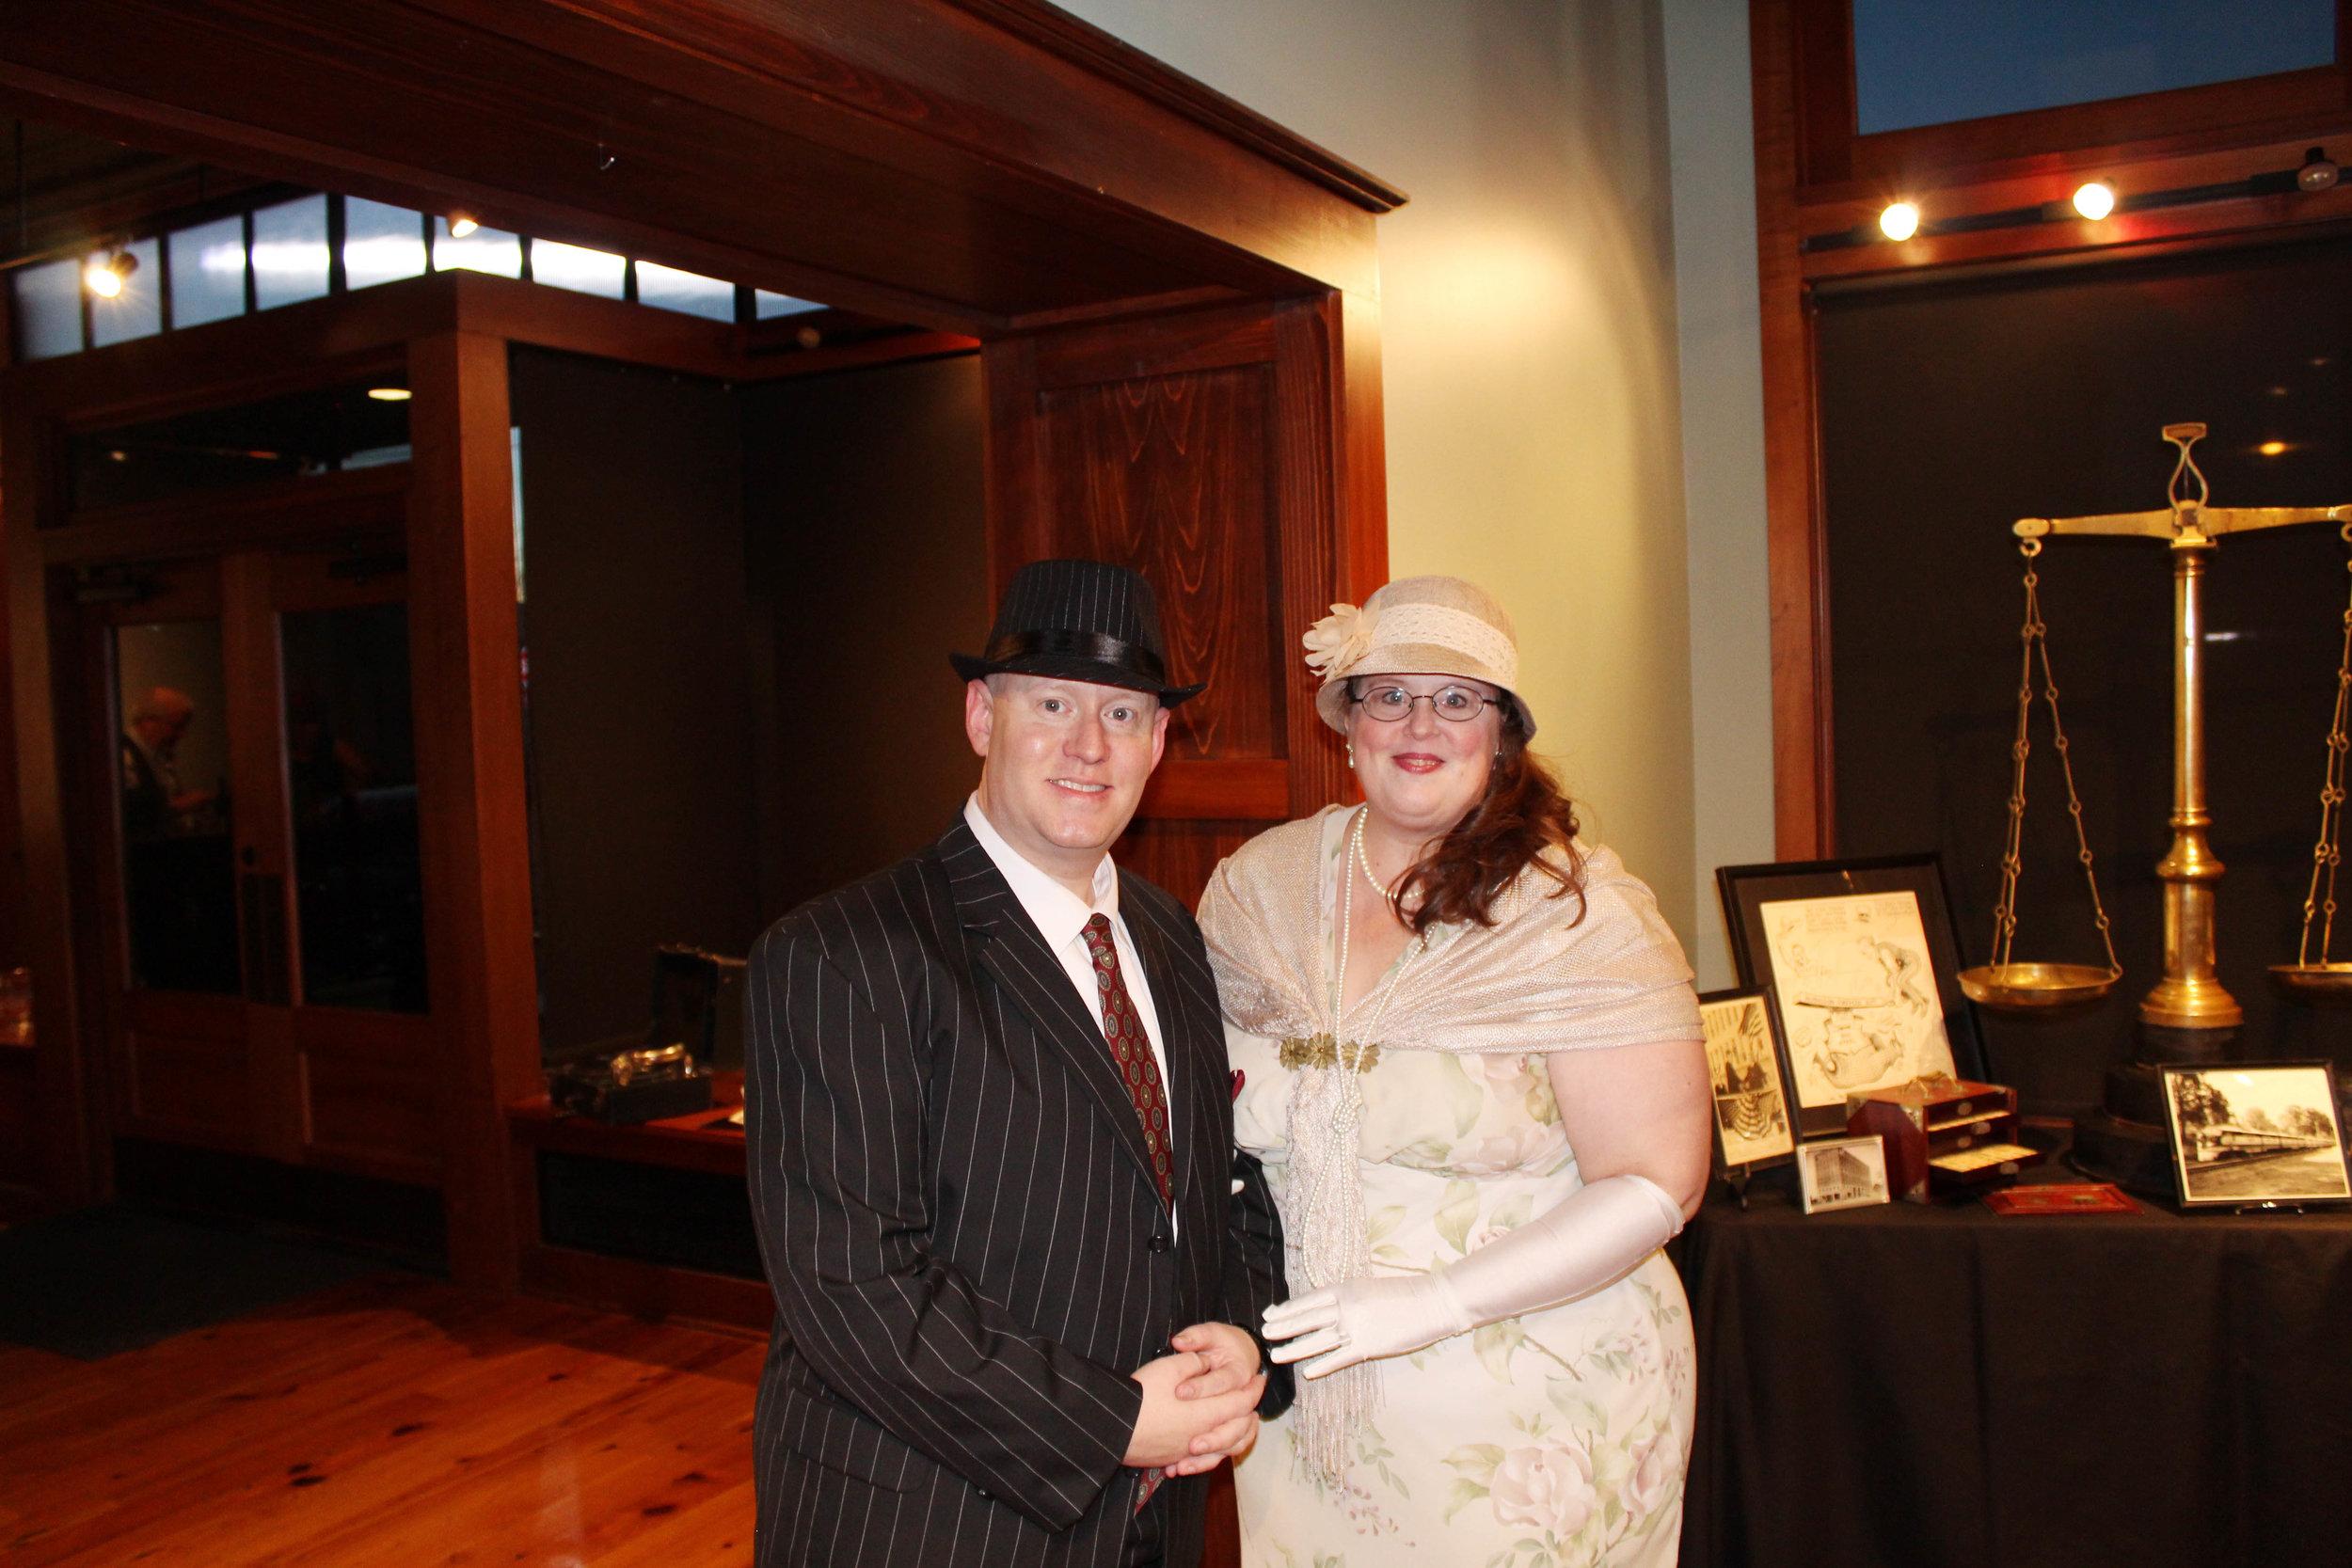 James and Stephanie Syler